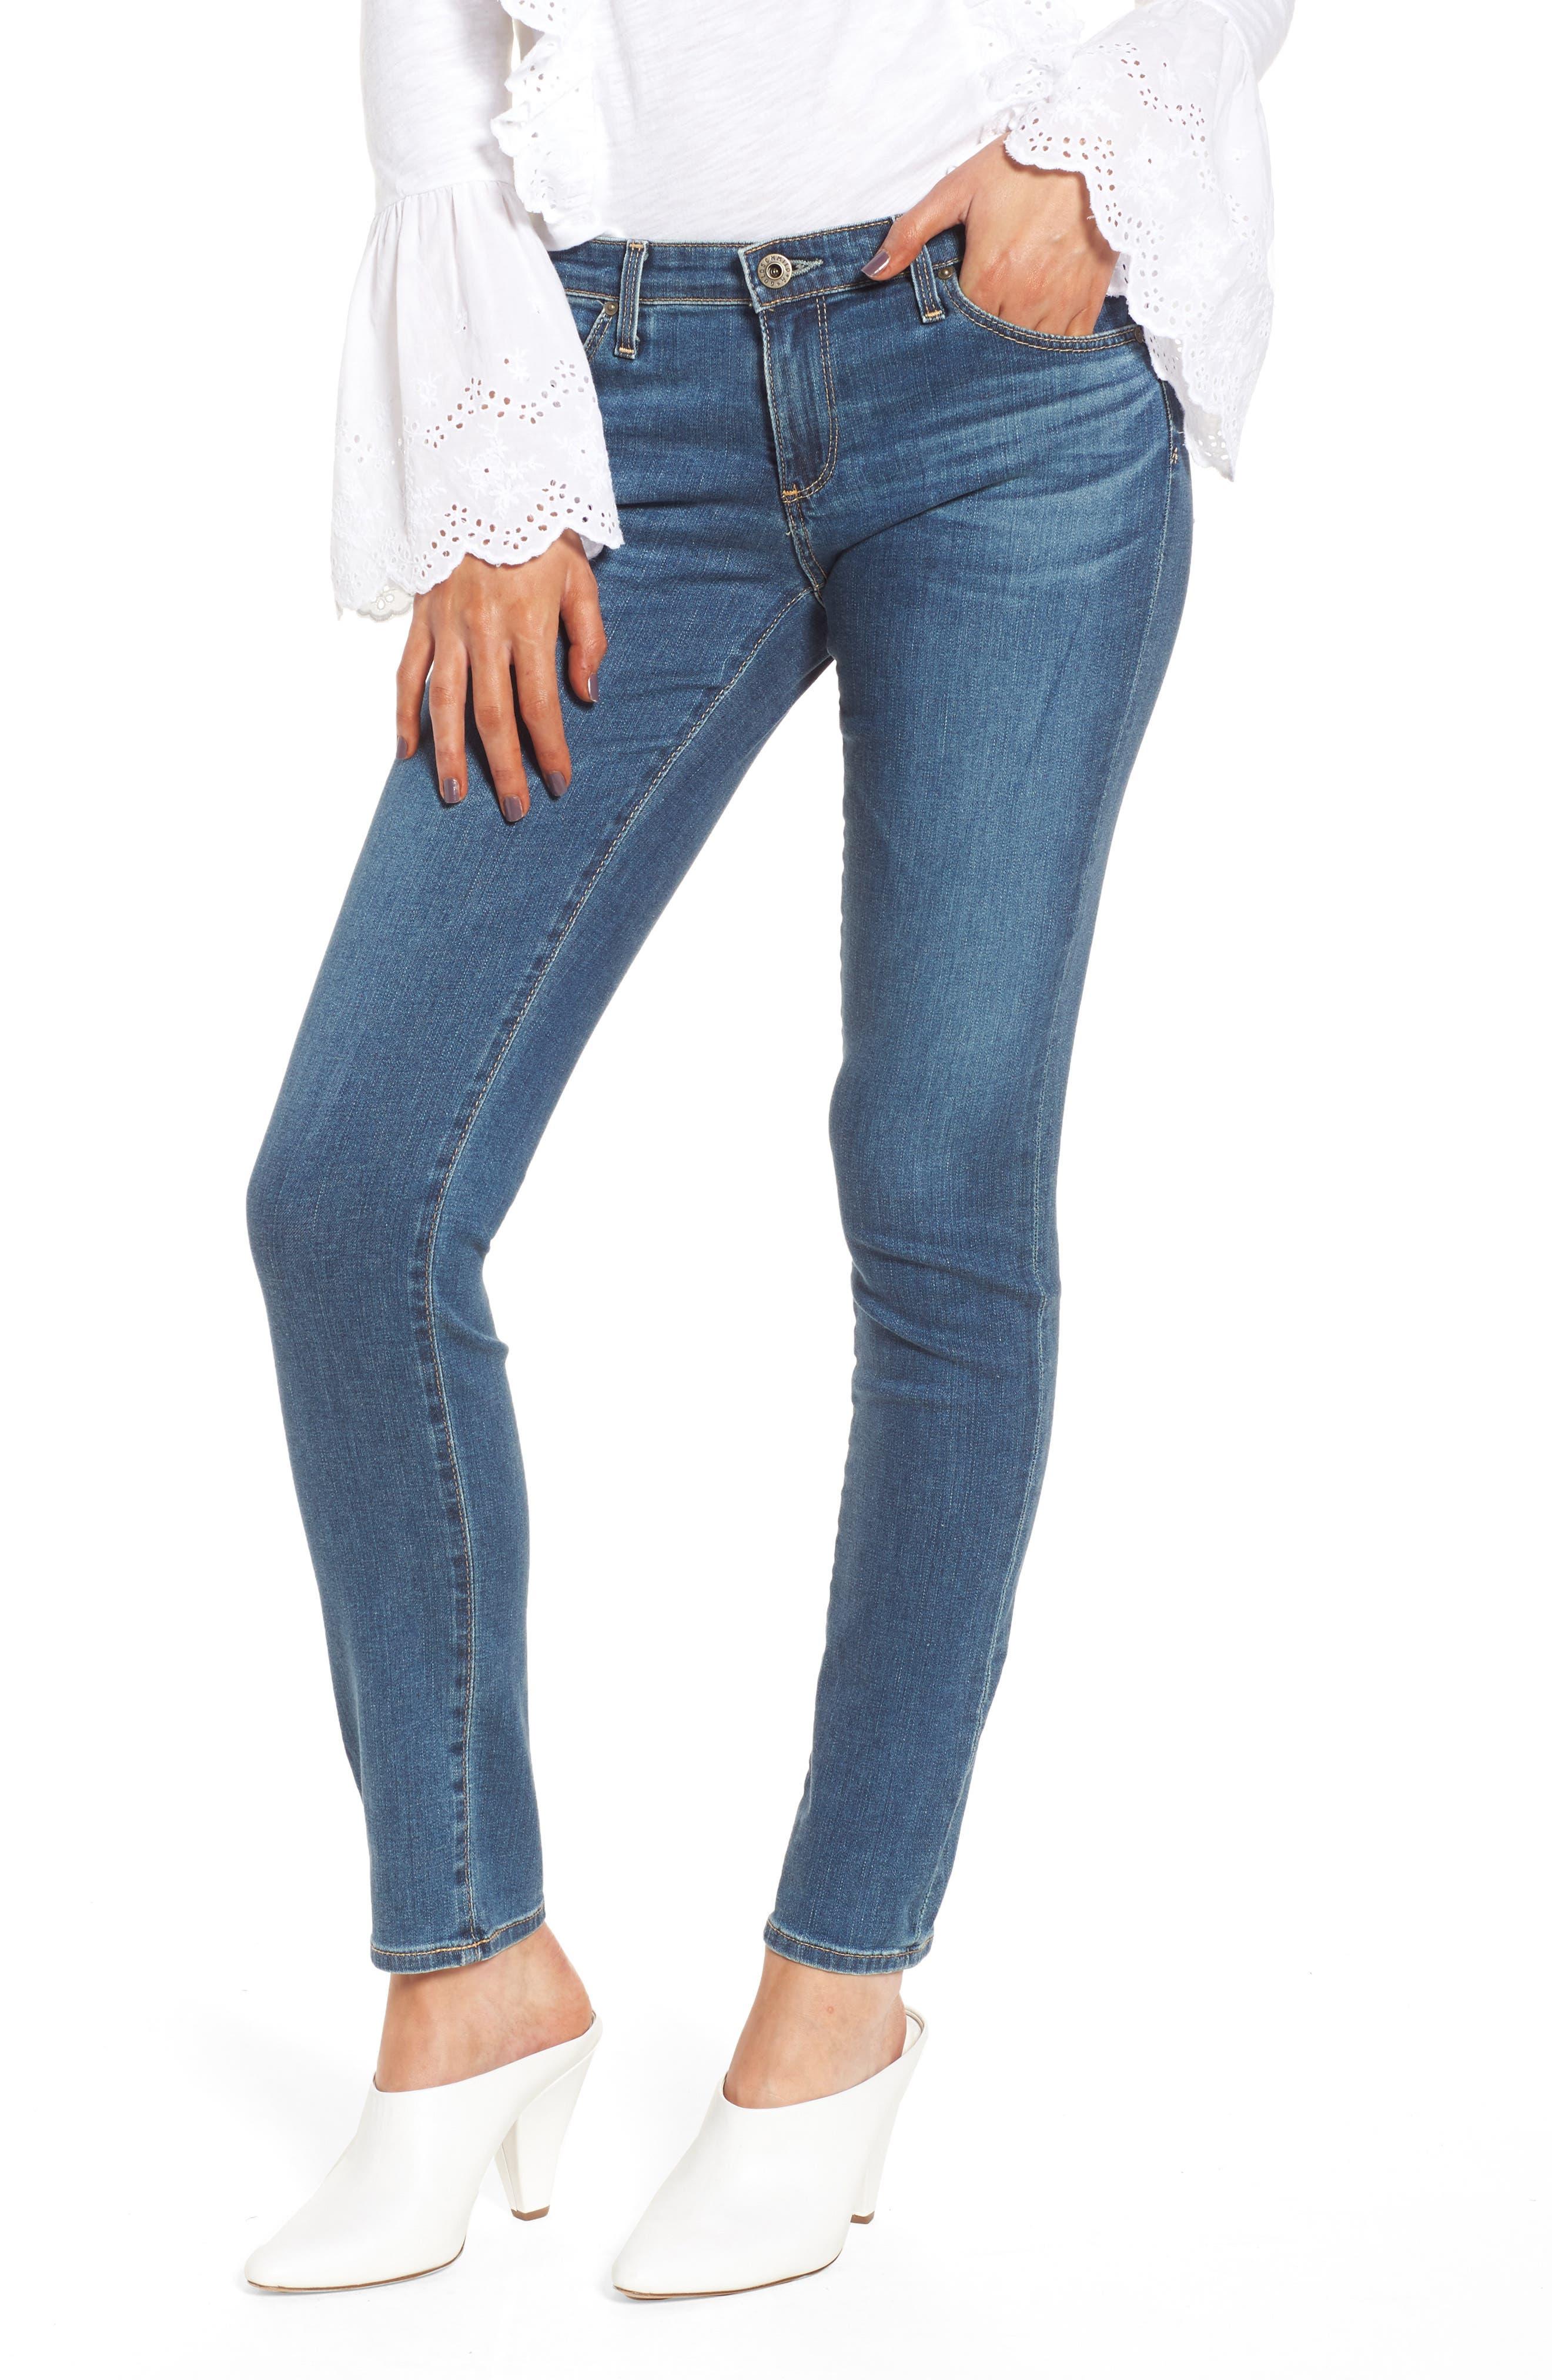 Alternate Image 1 Selected - AG The Stilt Cigarette Leg Jeans (Serendipitous)